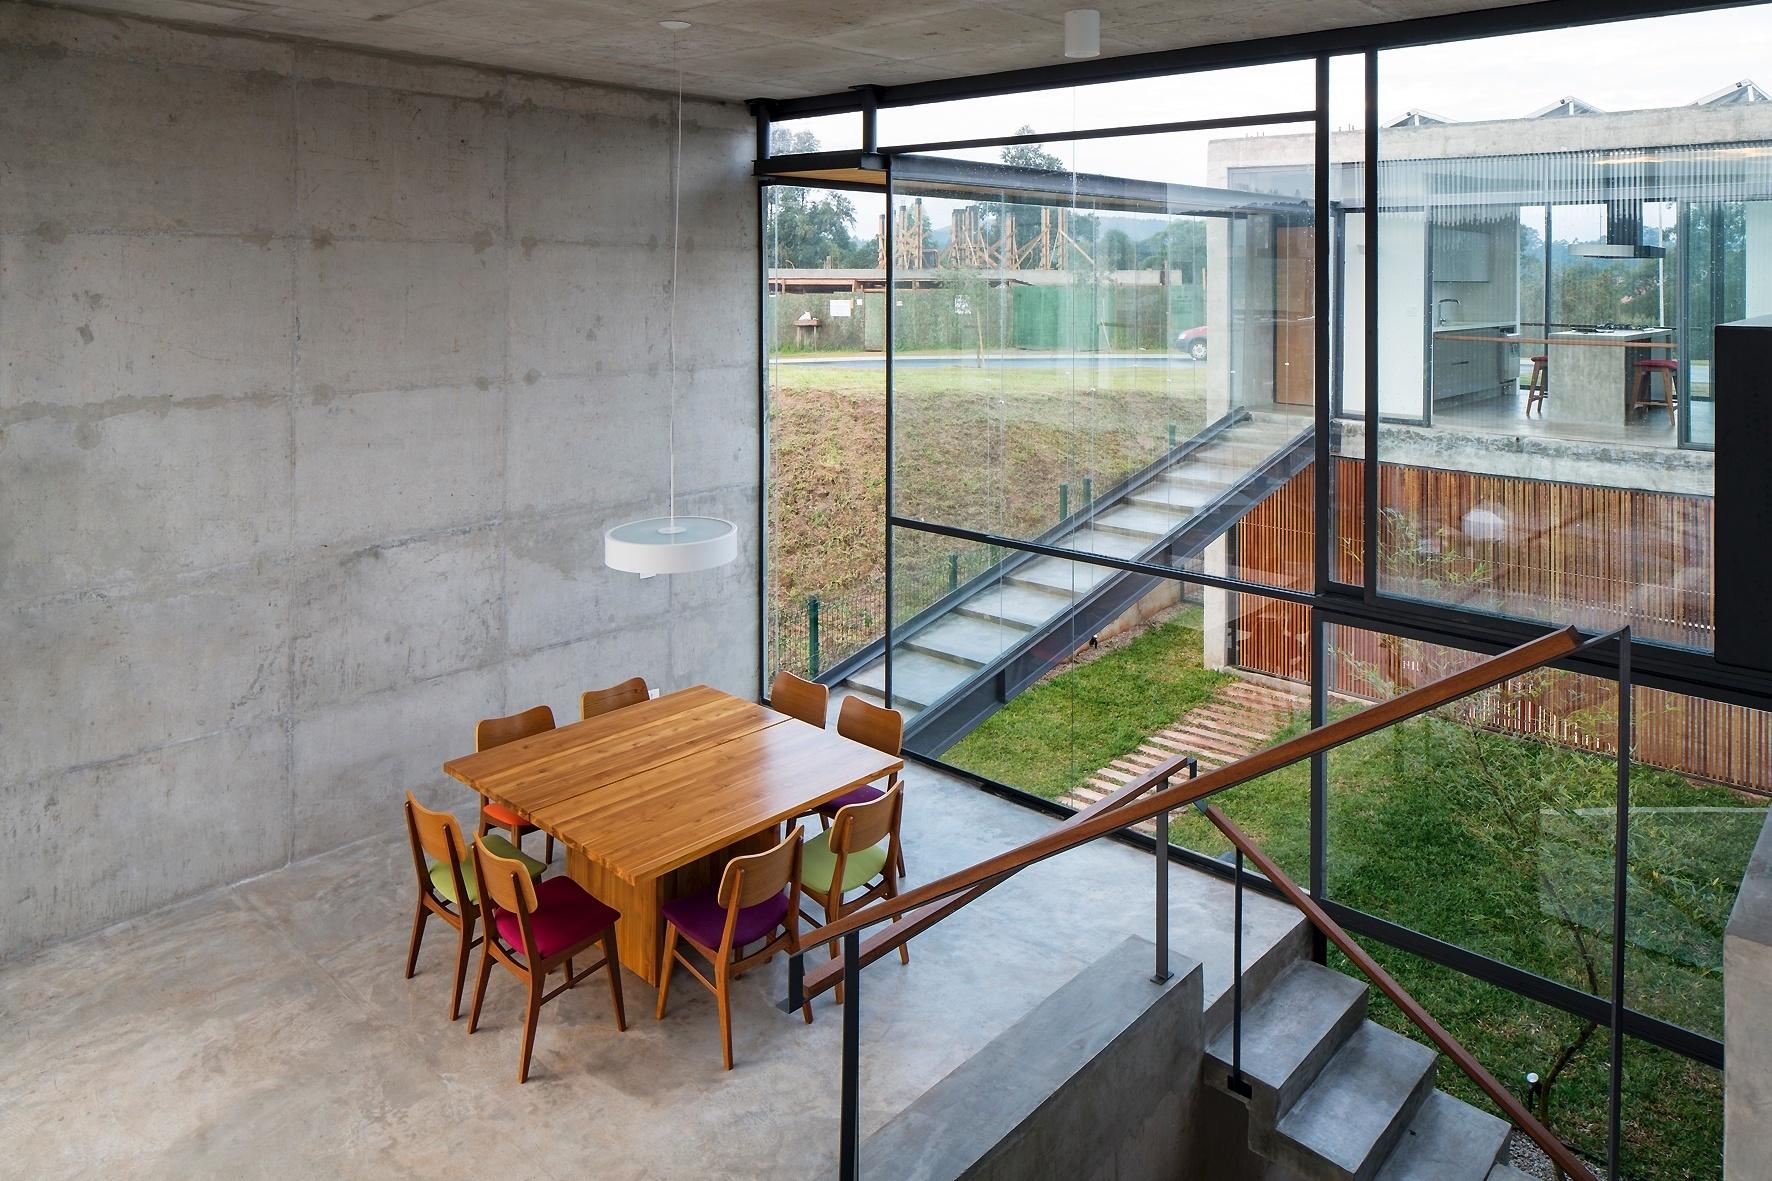 A sala de jantar da Casa Itahyê, projetada pelo escritório Apiacás Arquitetos, possui ligação com vários ambientes, como com a cozinha através da rampa-escada; a sala de estar acima e o pátio abaixo via escadas. A mesa e as cadeiras são assinadas por Fernando Jaeger